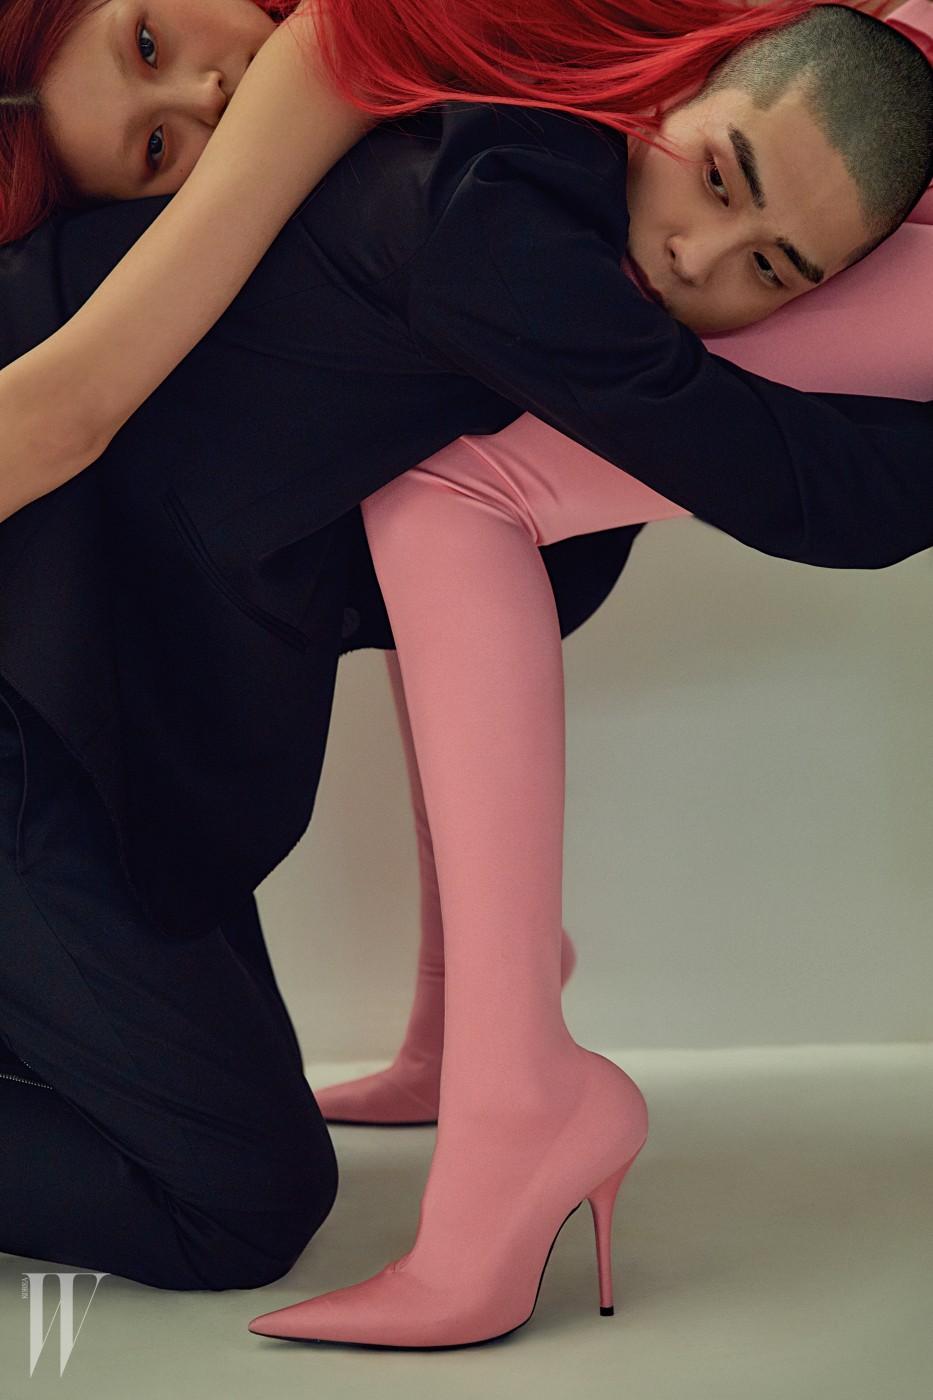 정호연이 입은 네온 핑크 컬러 레깅스 부츠는 발렌시아가 제품. 가격 미정. 서하가 입은 검정 재킷은 로에베 제품. 2백40만원대, 검정 팬츠는 루이 비통 제품. 가격 미정.